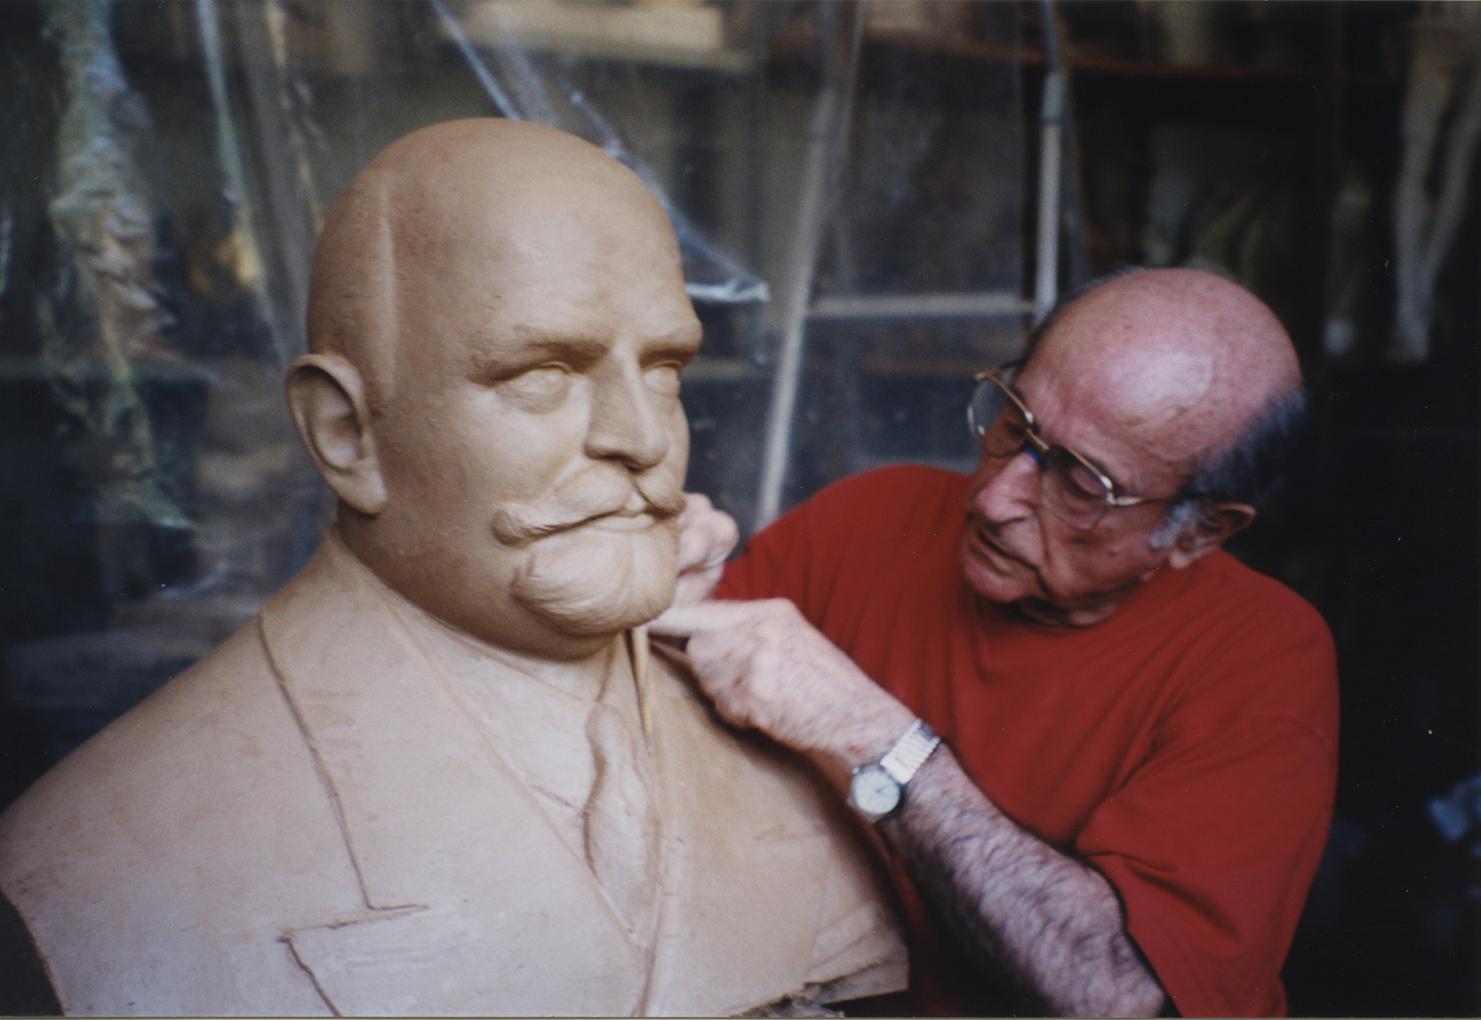 1998.1. JHC modelando en barro el Busto del aviador y marino Pedro María Cardona Prieto, bronce, mayor del natural. 1998